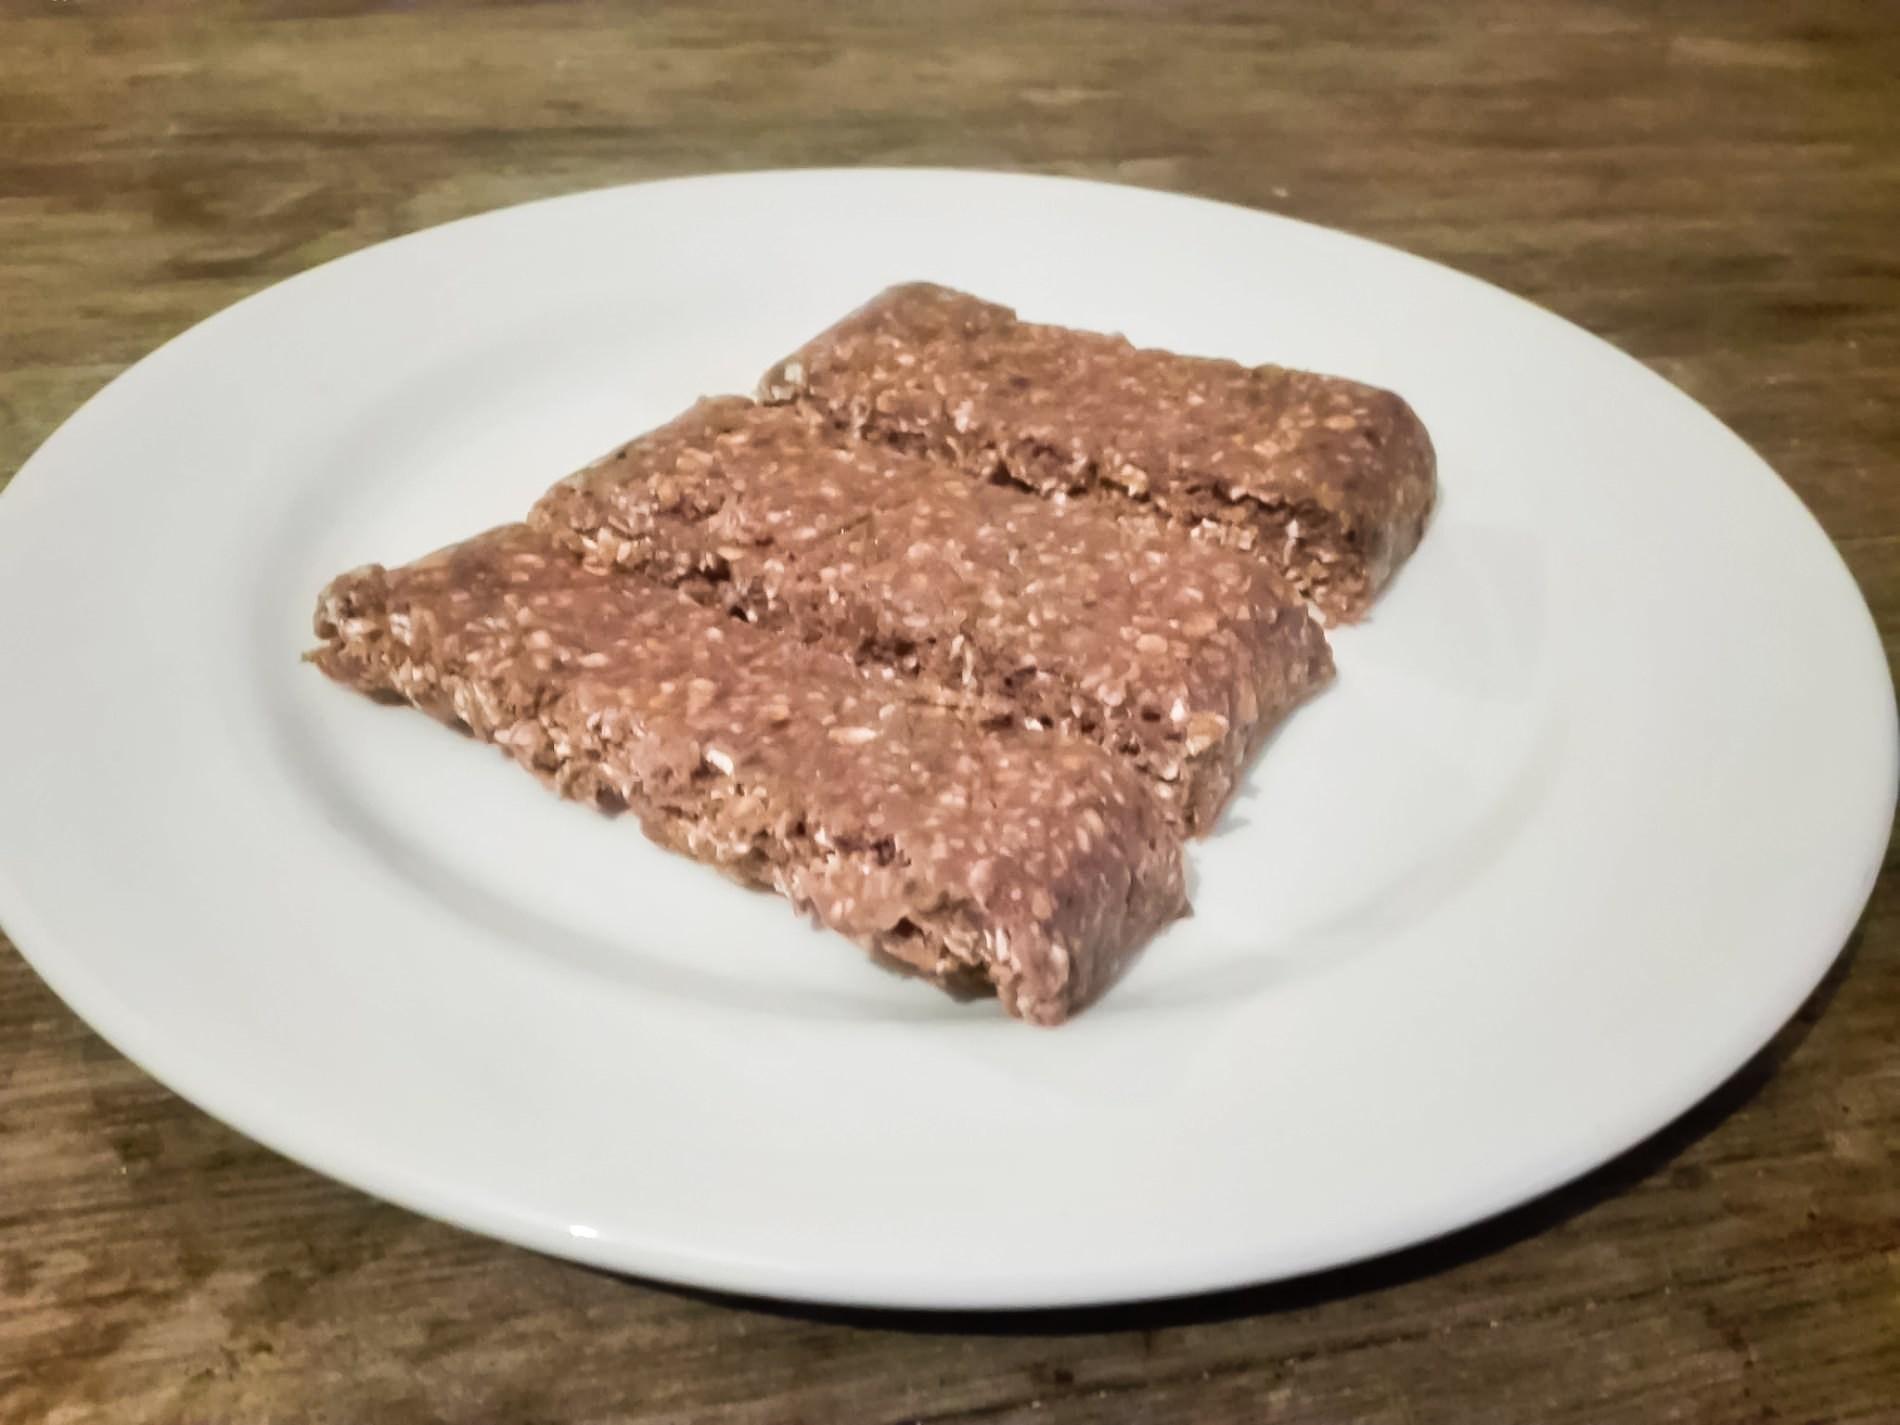 Proteinriegel, Eiweißriegel, Vegan, selbst gemacht